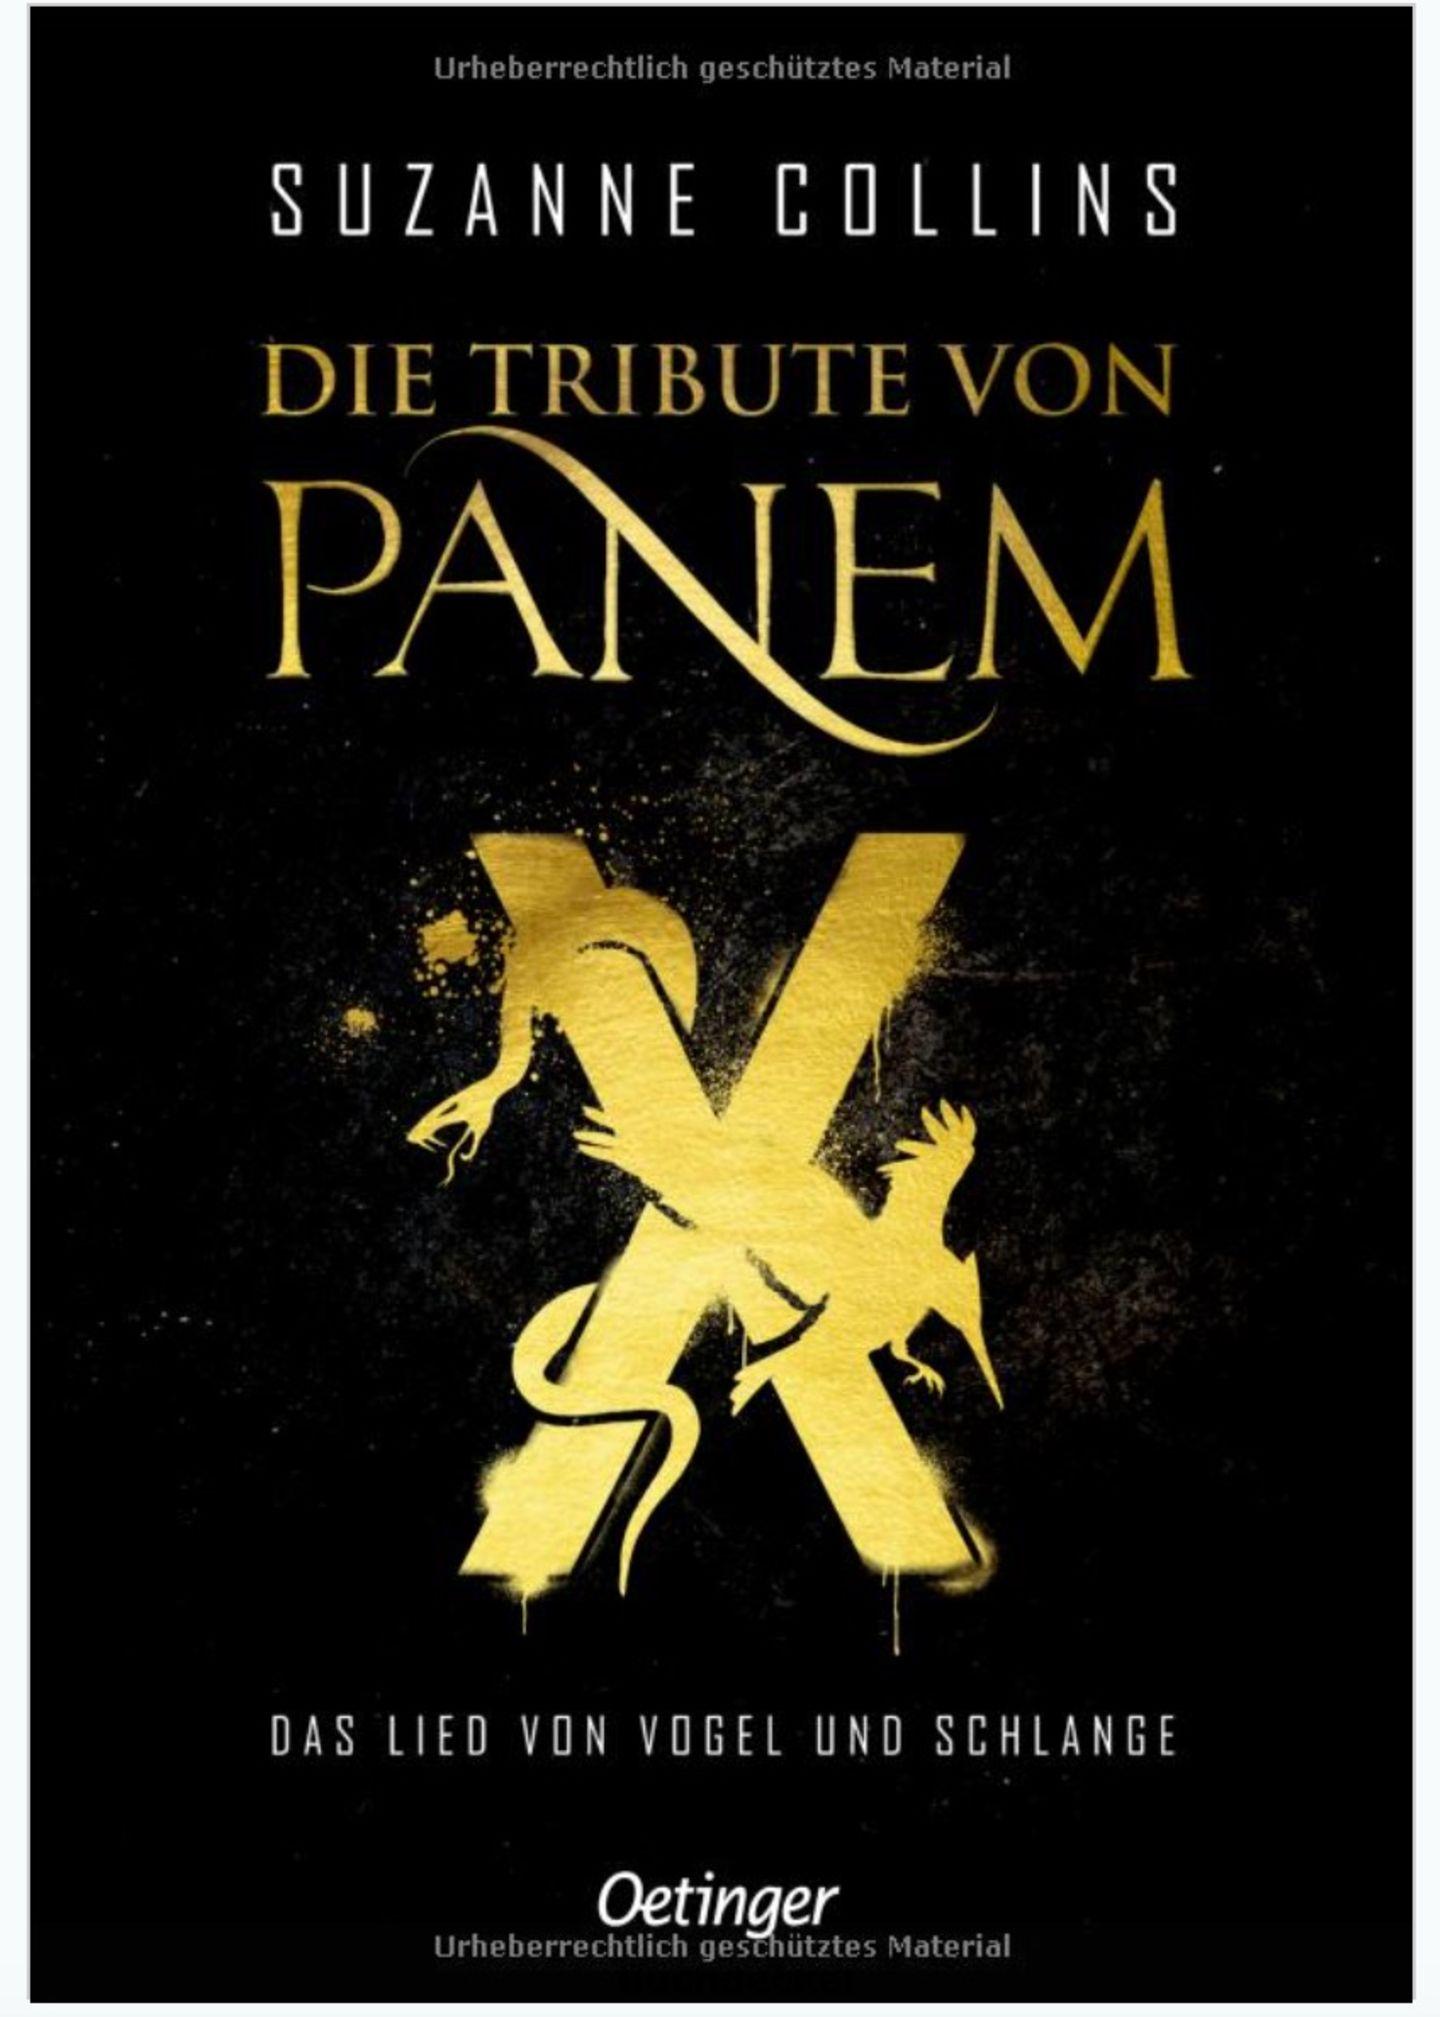 Die Tribute von Panem X Cover